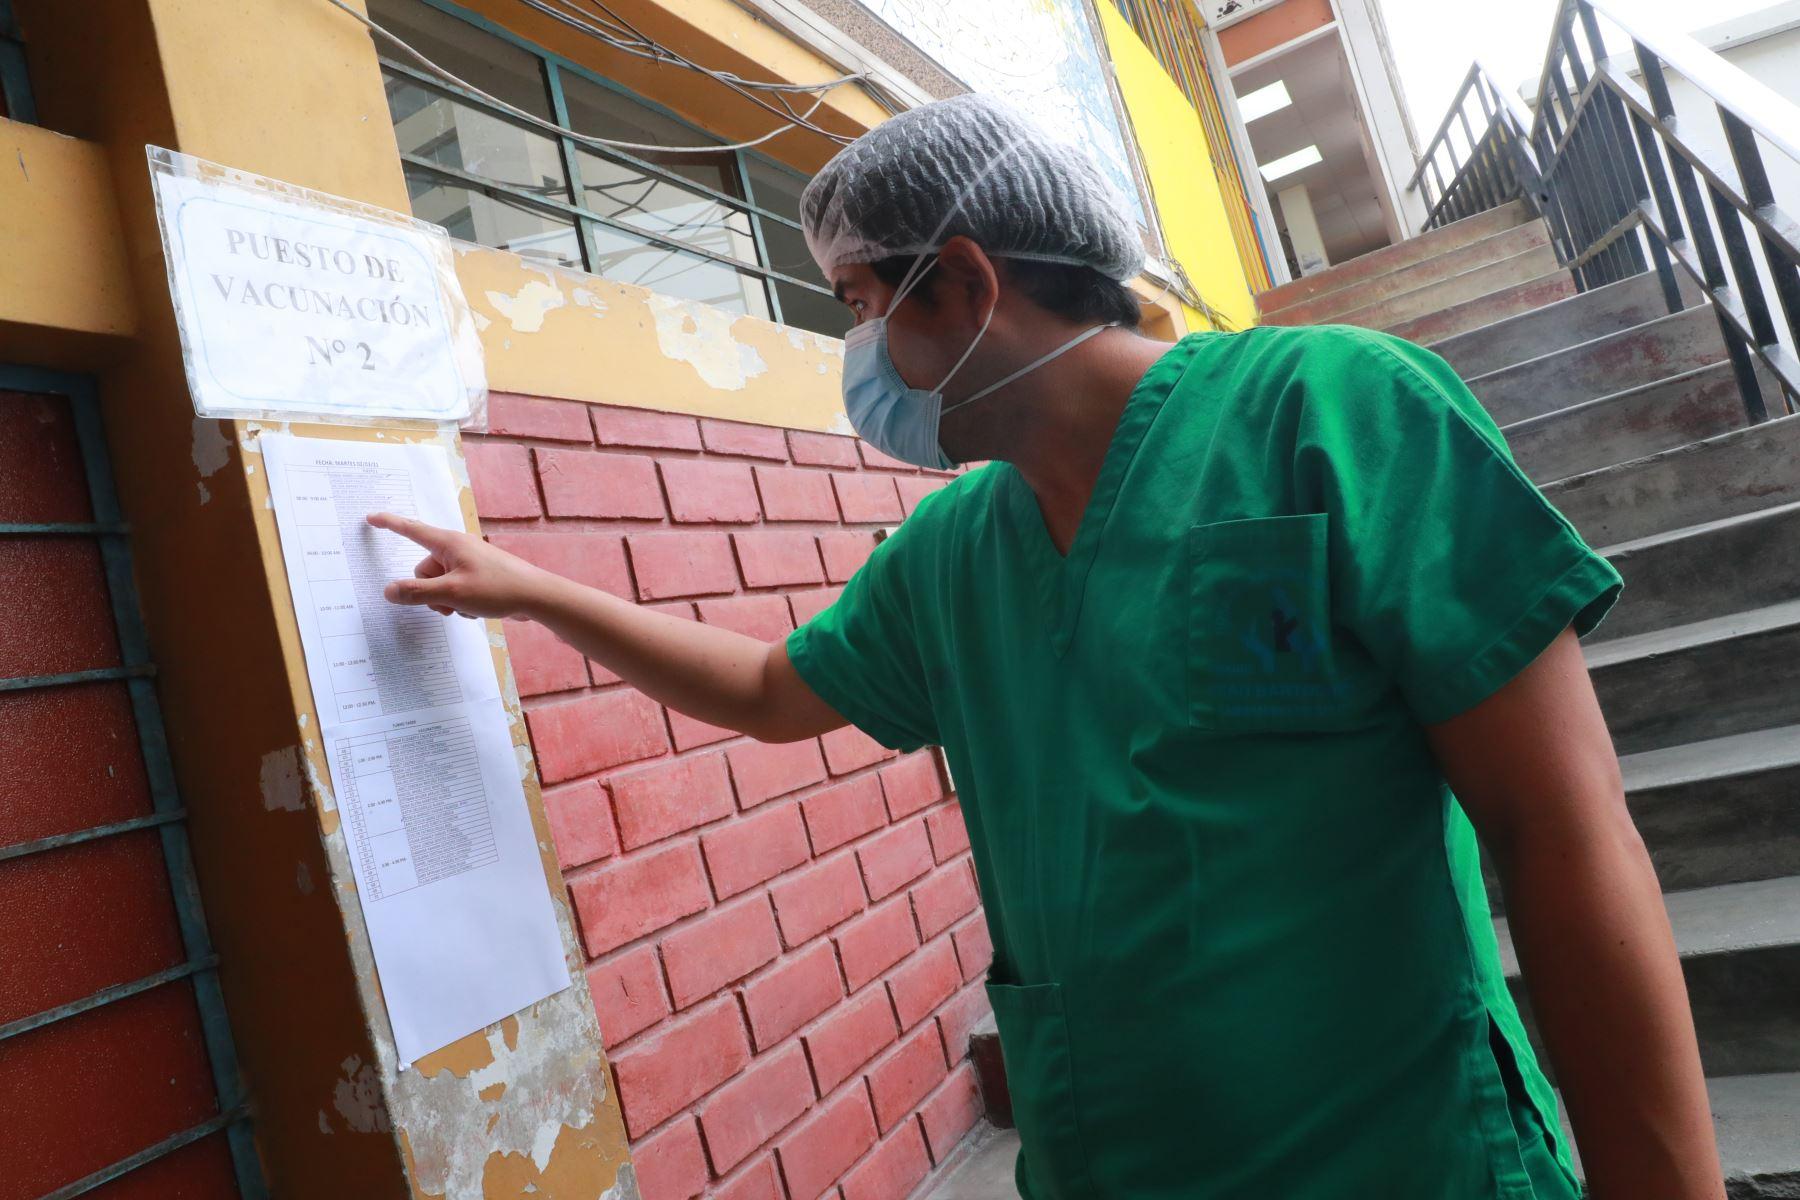 Inician la vacunación de la segunda dosis para el personal médico en el Hospital San Bartolomé. Foto: ANDINA/Carla Patiño